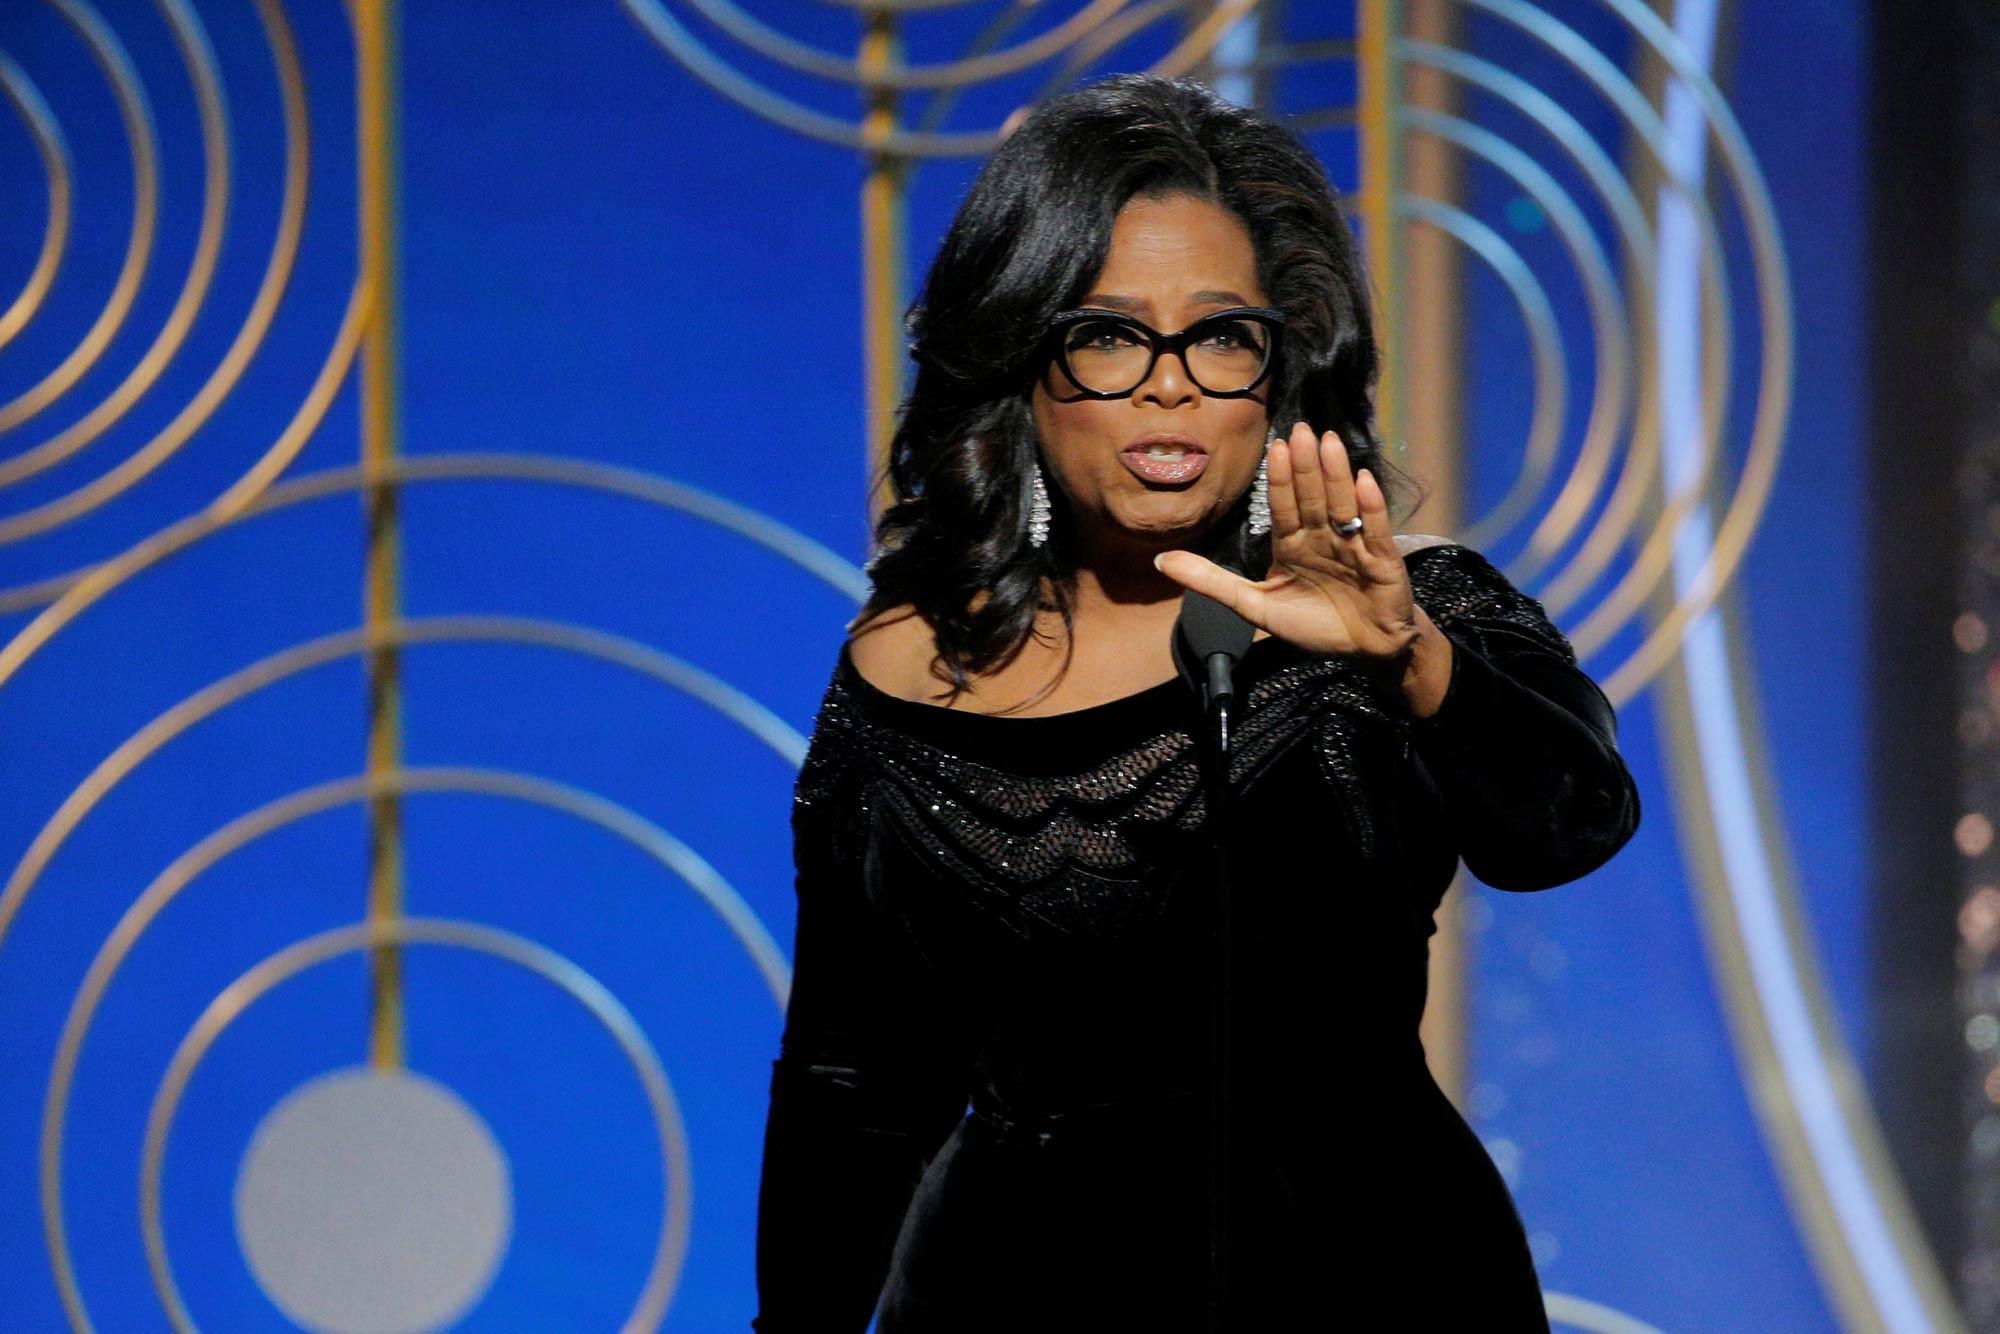 Oprah Winfrey doa US$ 10 milhões para ajudar americanos em situação de vulnerabilidade durante pandemia de coronavírus